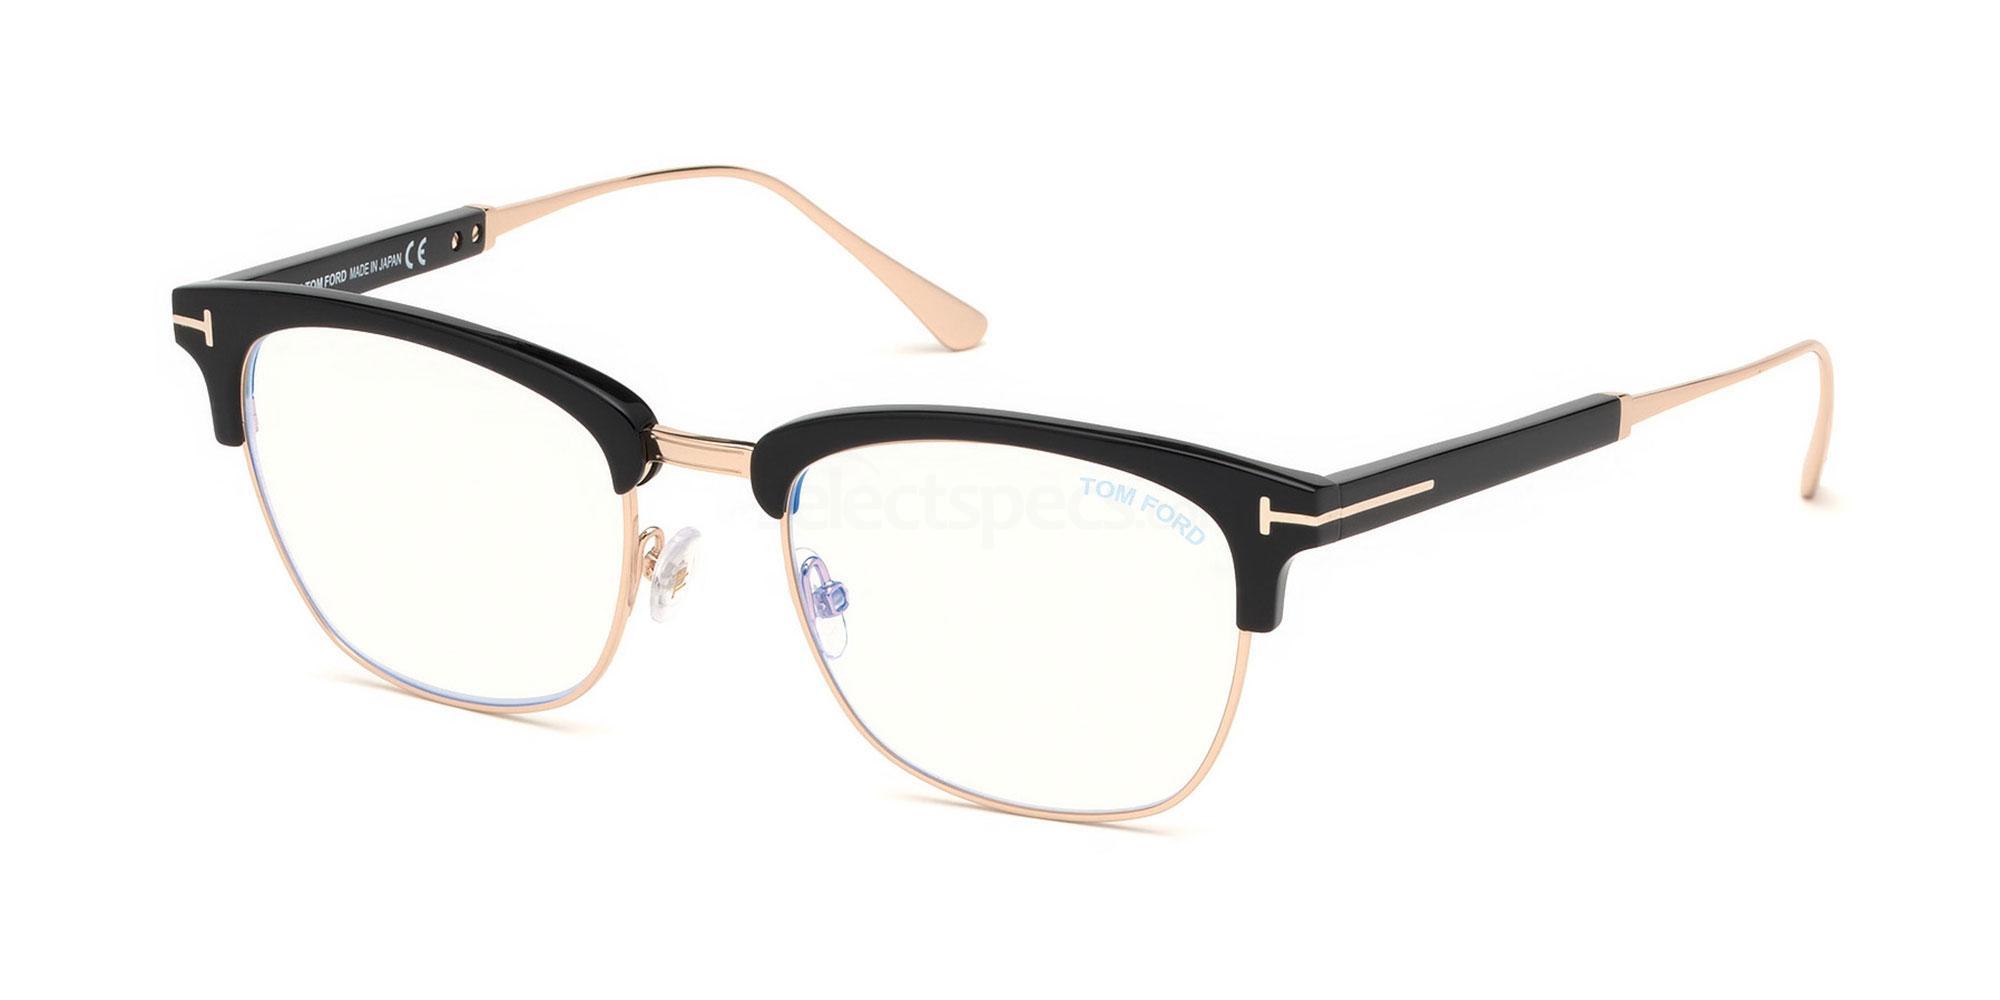 001 FT5590-B Glasses, Tom Ford